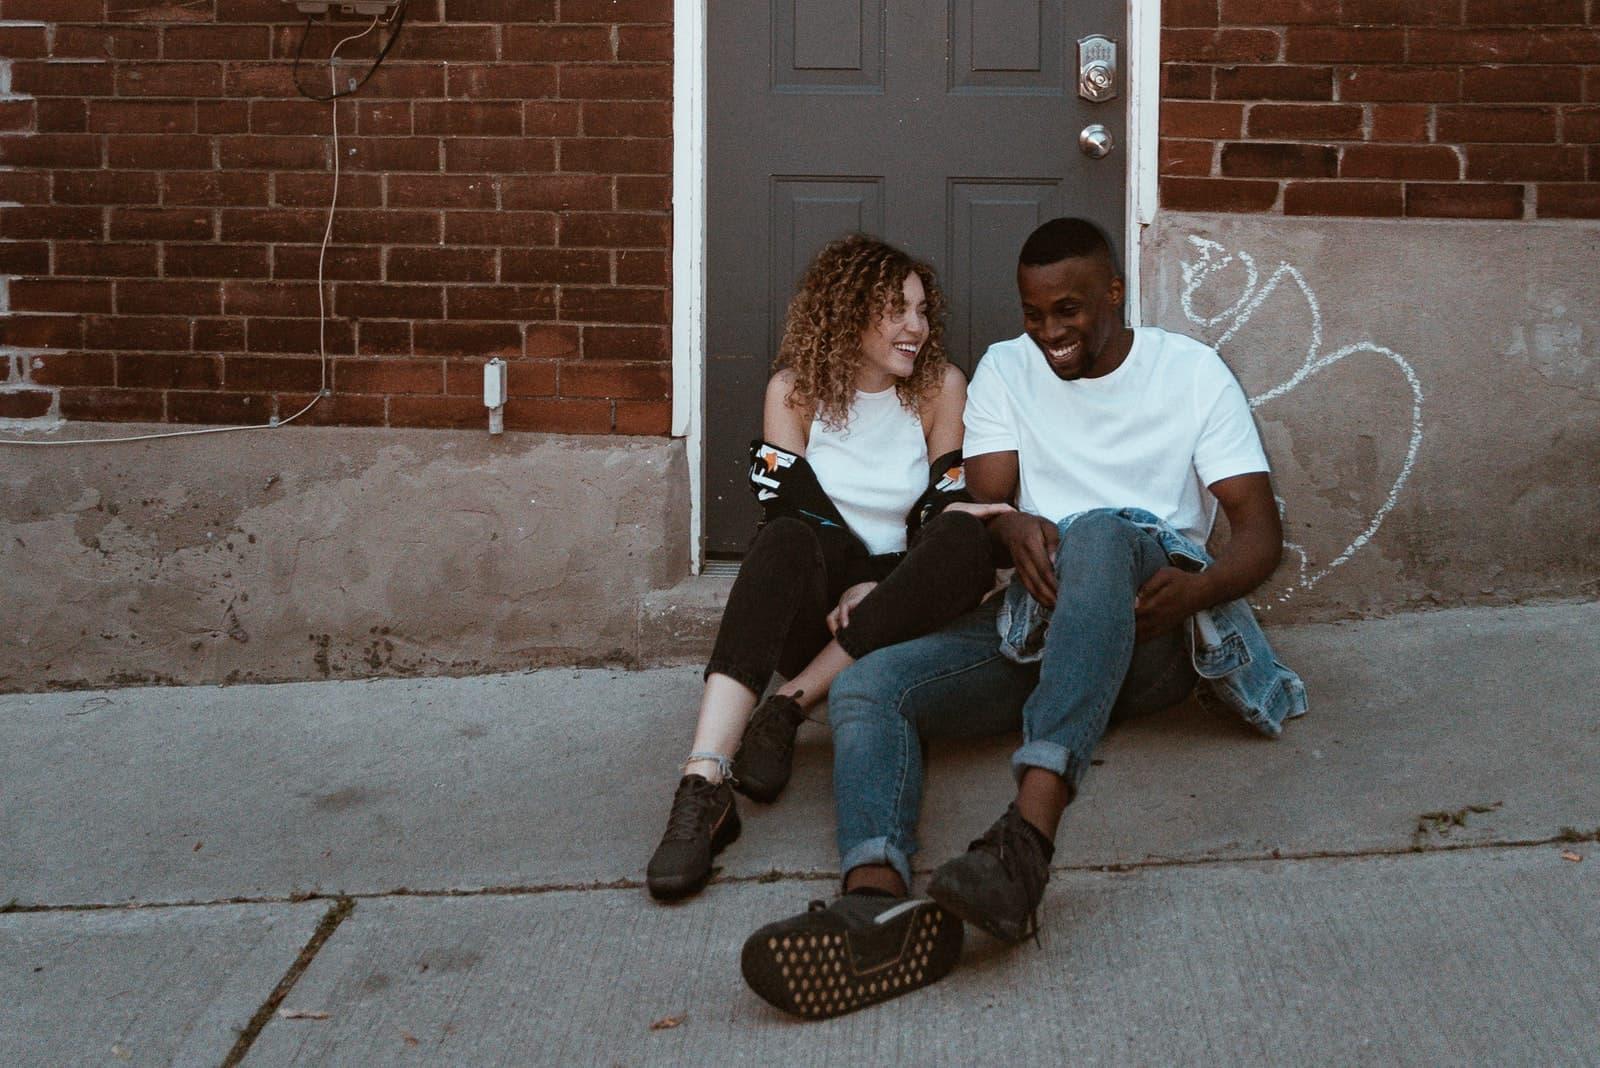 homme en chemise blanche et femme assise près de la porte